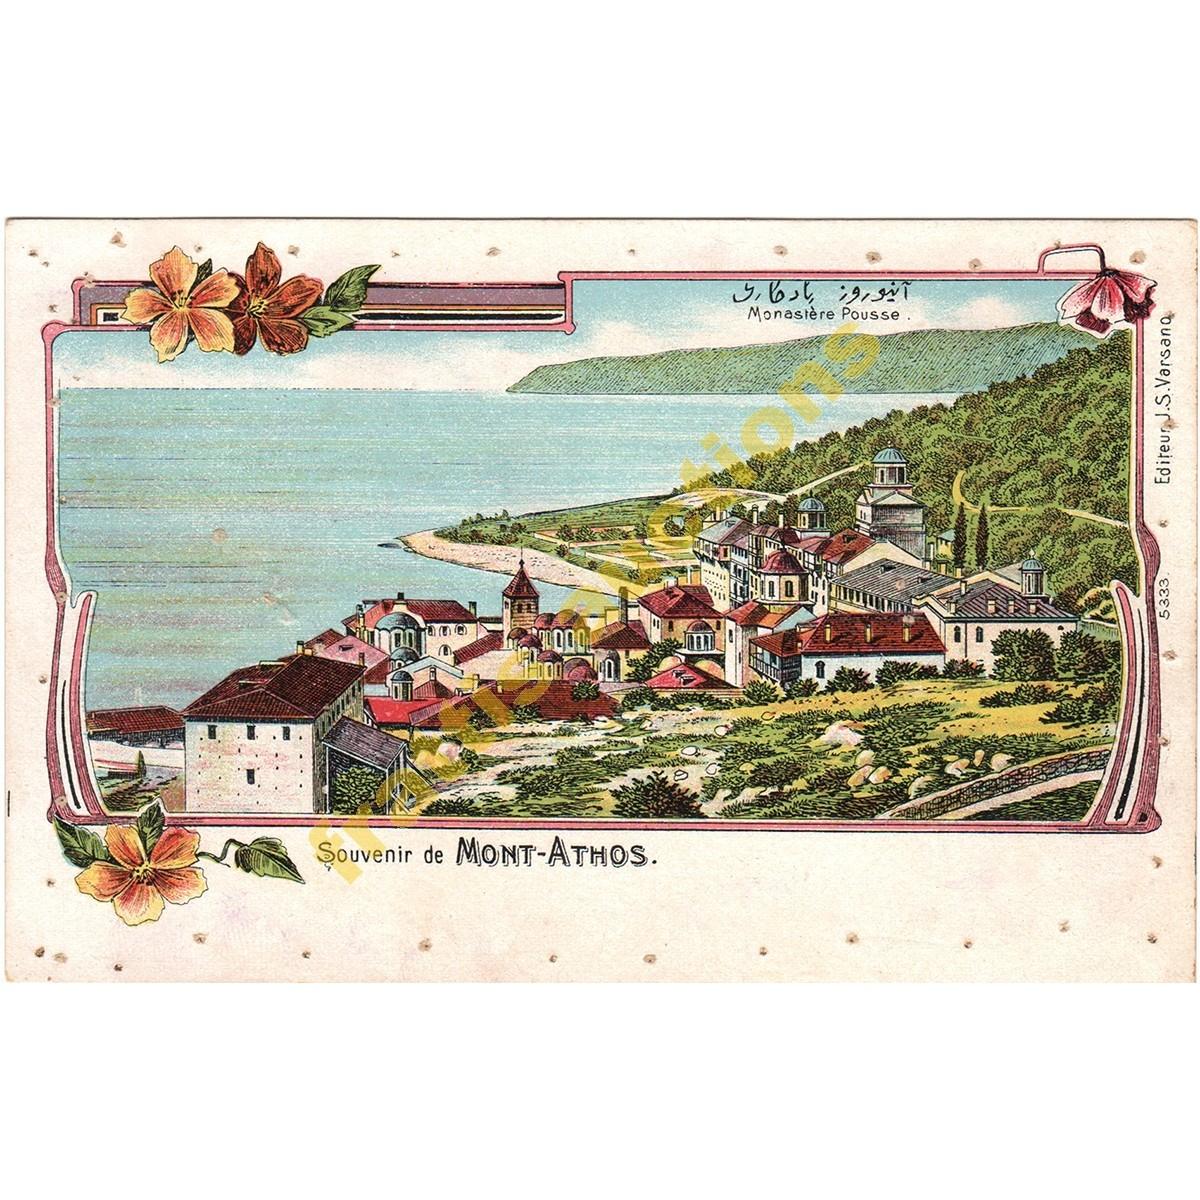 Ι.Μ. ΑΓΙΟΥ ΠΑΝΤΕΛΕΗΜΩΝΟΣ, Monastere Rousse, Souvenir de Mont - Athos, 5333 Editeur J. S. Varsano